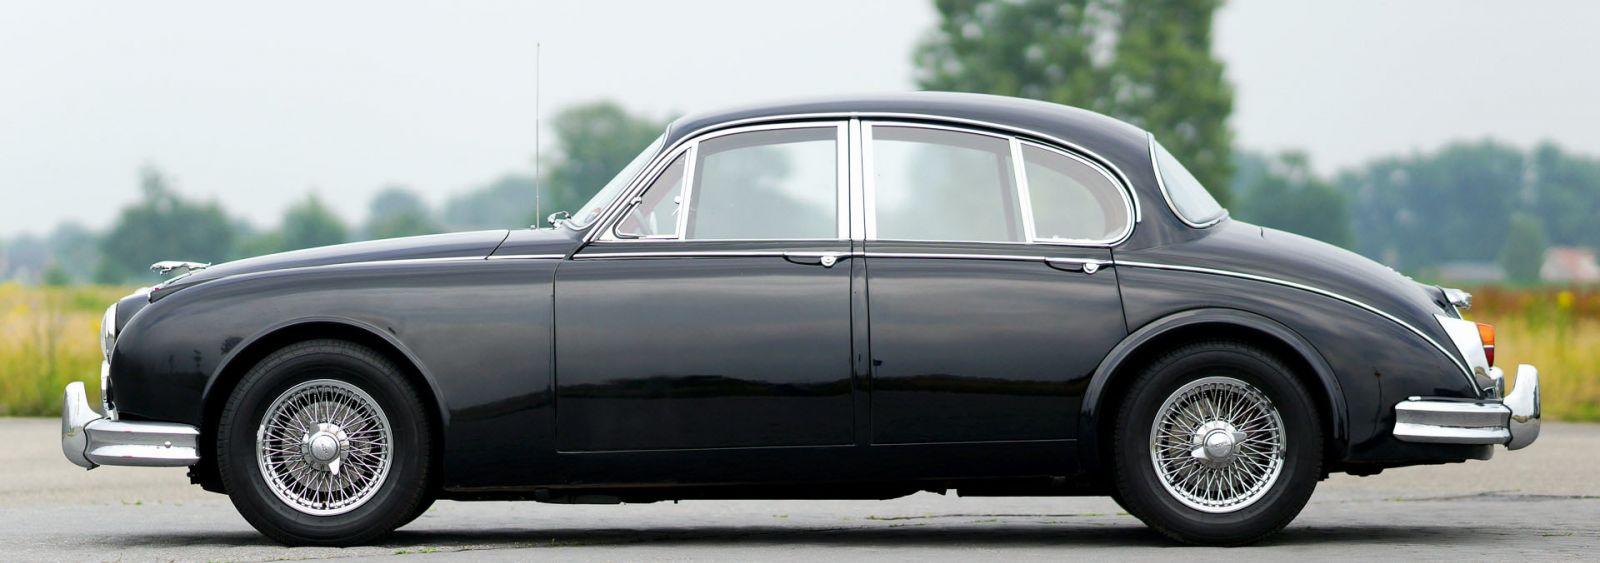 jaguar mk ii 3 8 litre 1964 welcome to classicargarage. Black Bedroom Furniture Sets. Home Design Ideas